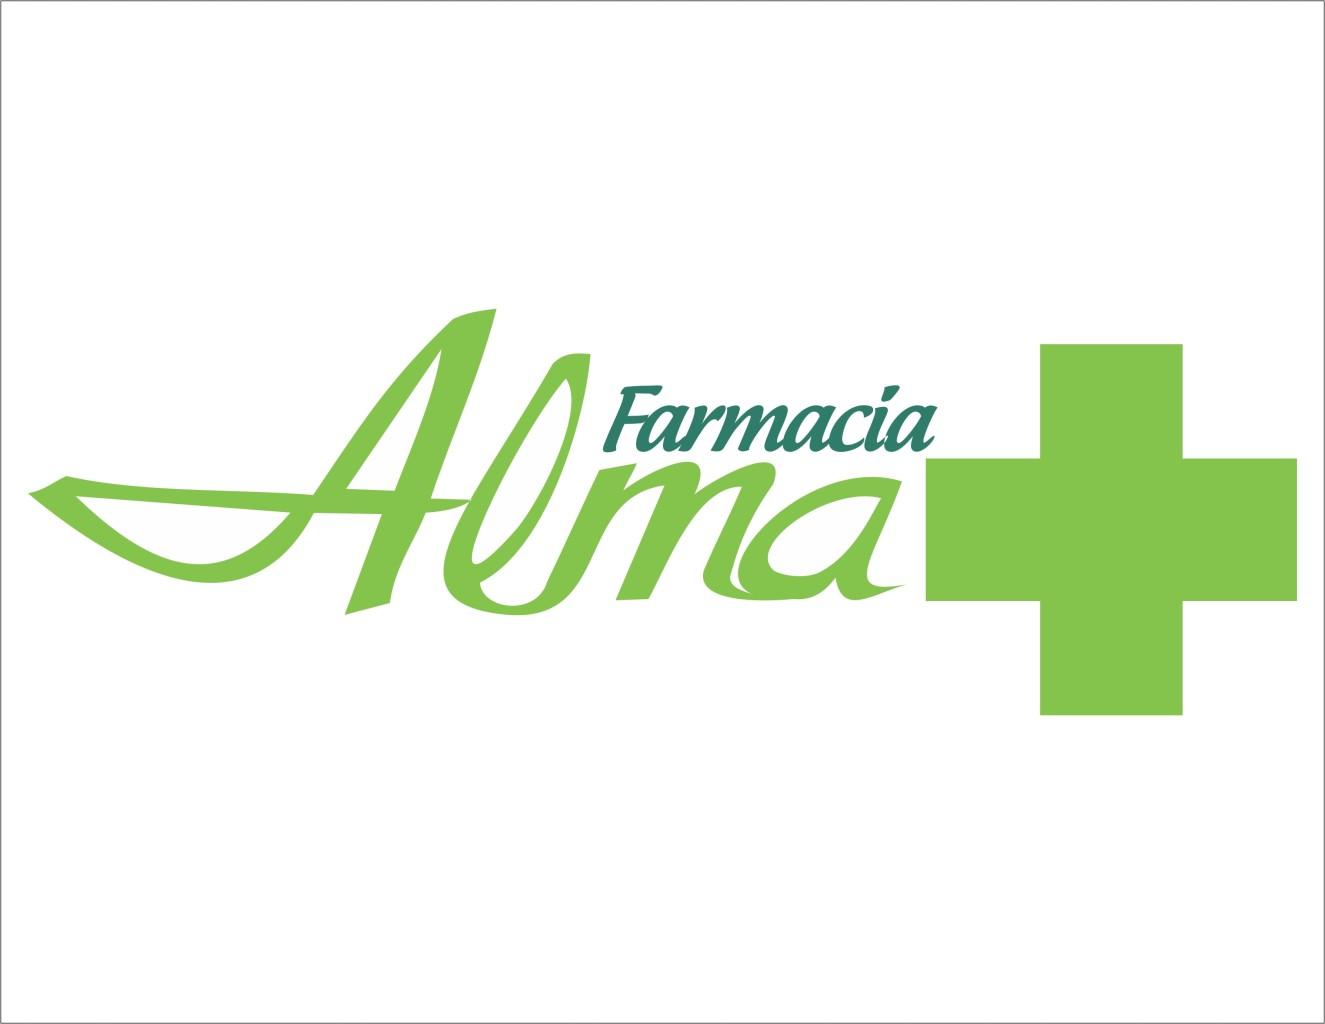 farmaciile Alma